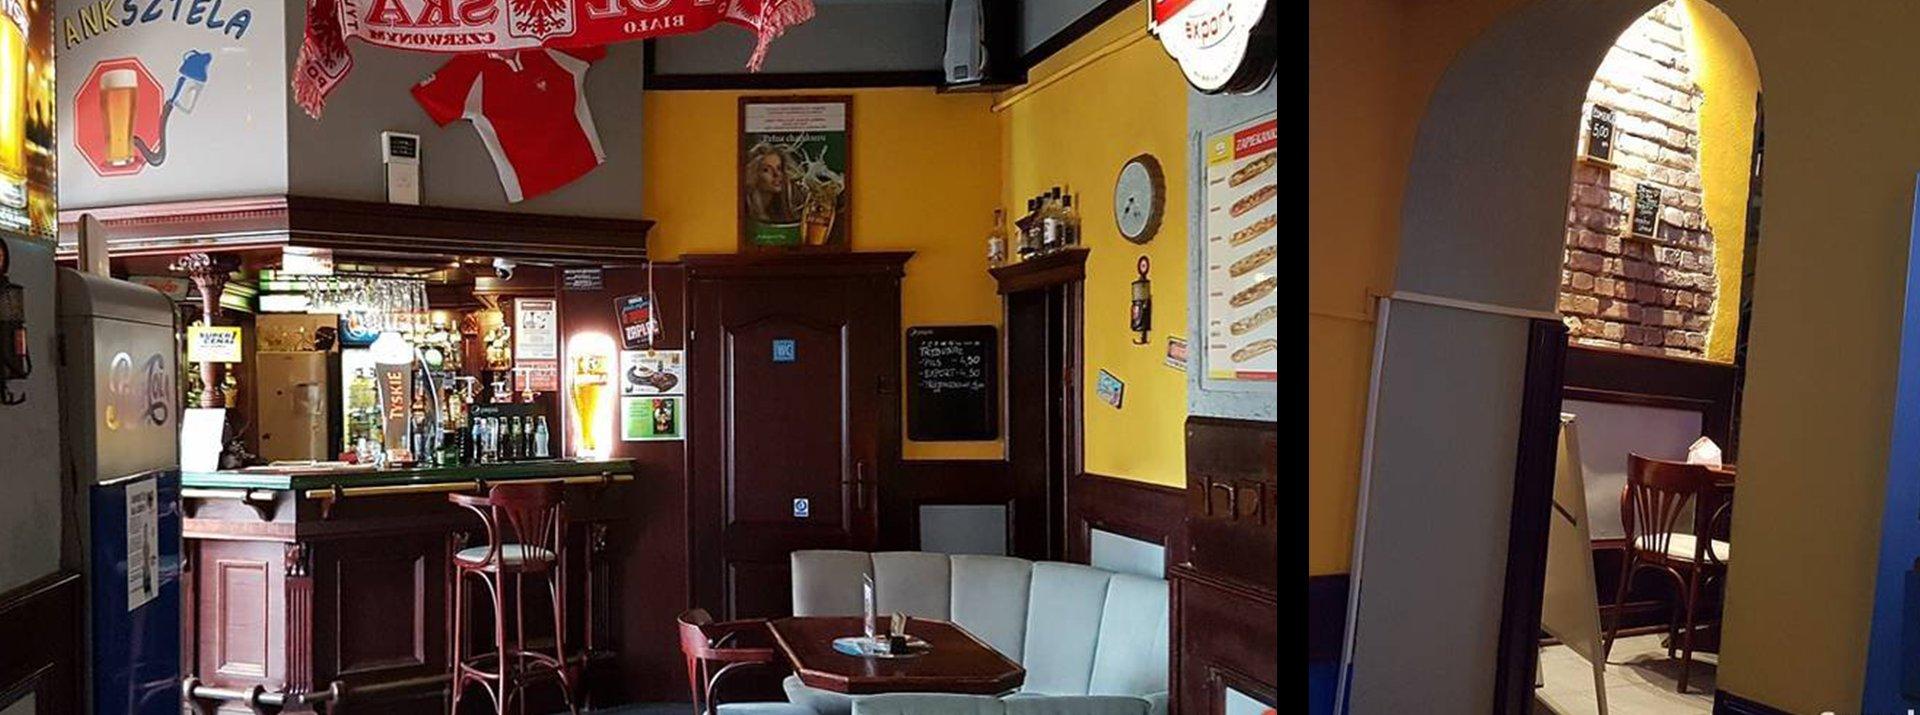 lokal-01-pub.jpg